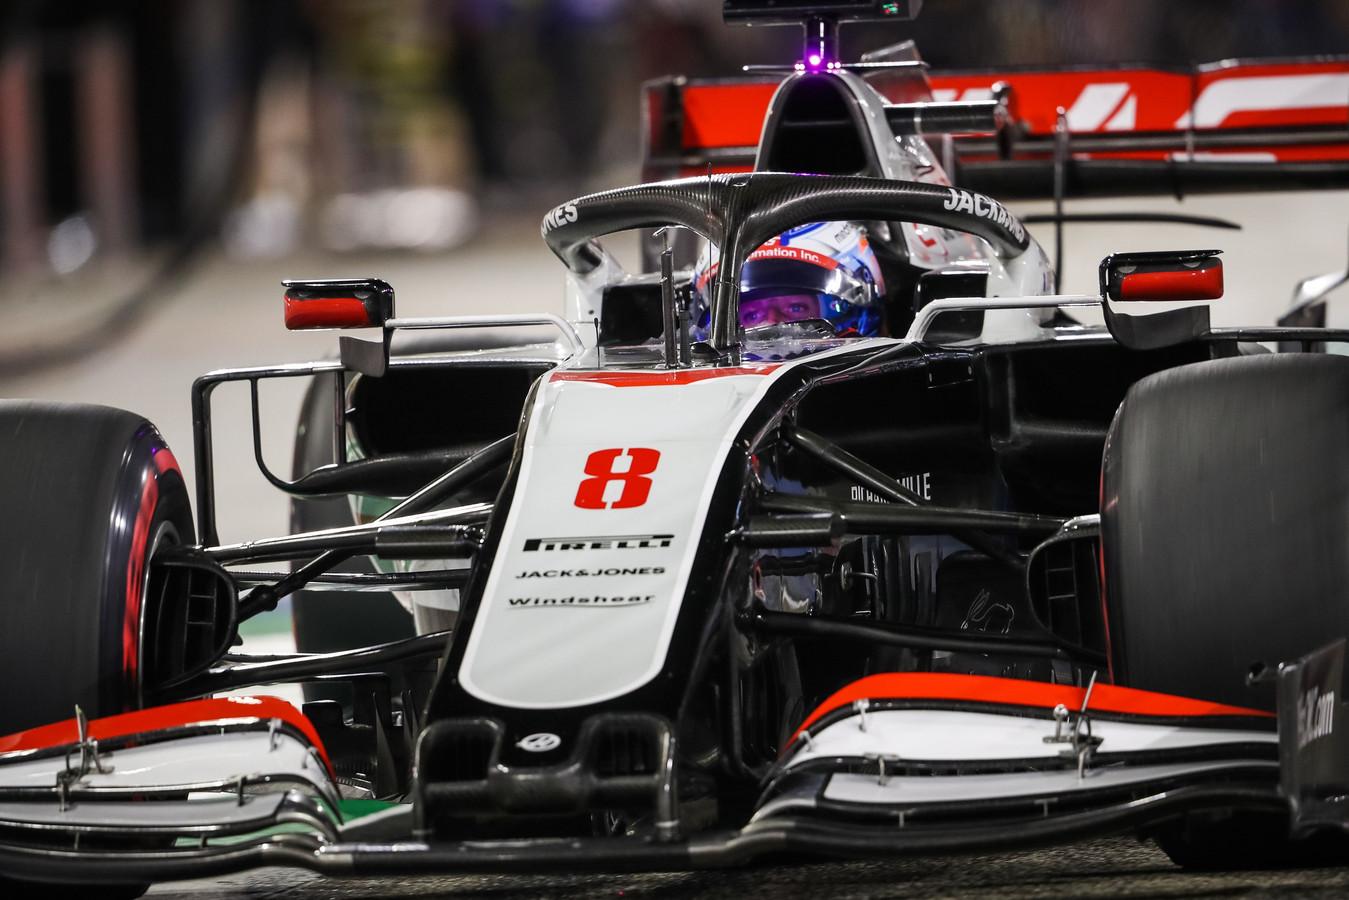 Grosjean voor de race onder de 'halo'. Het zwarte opzetstuk dat de cockpit en het hoofd van de rijders beschermt.